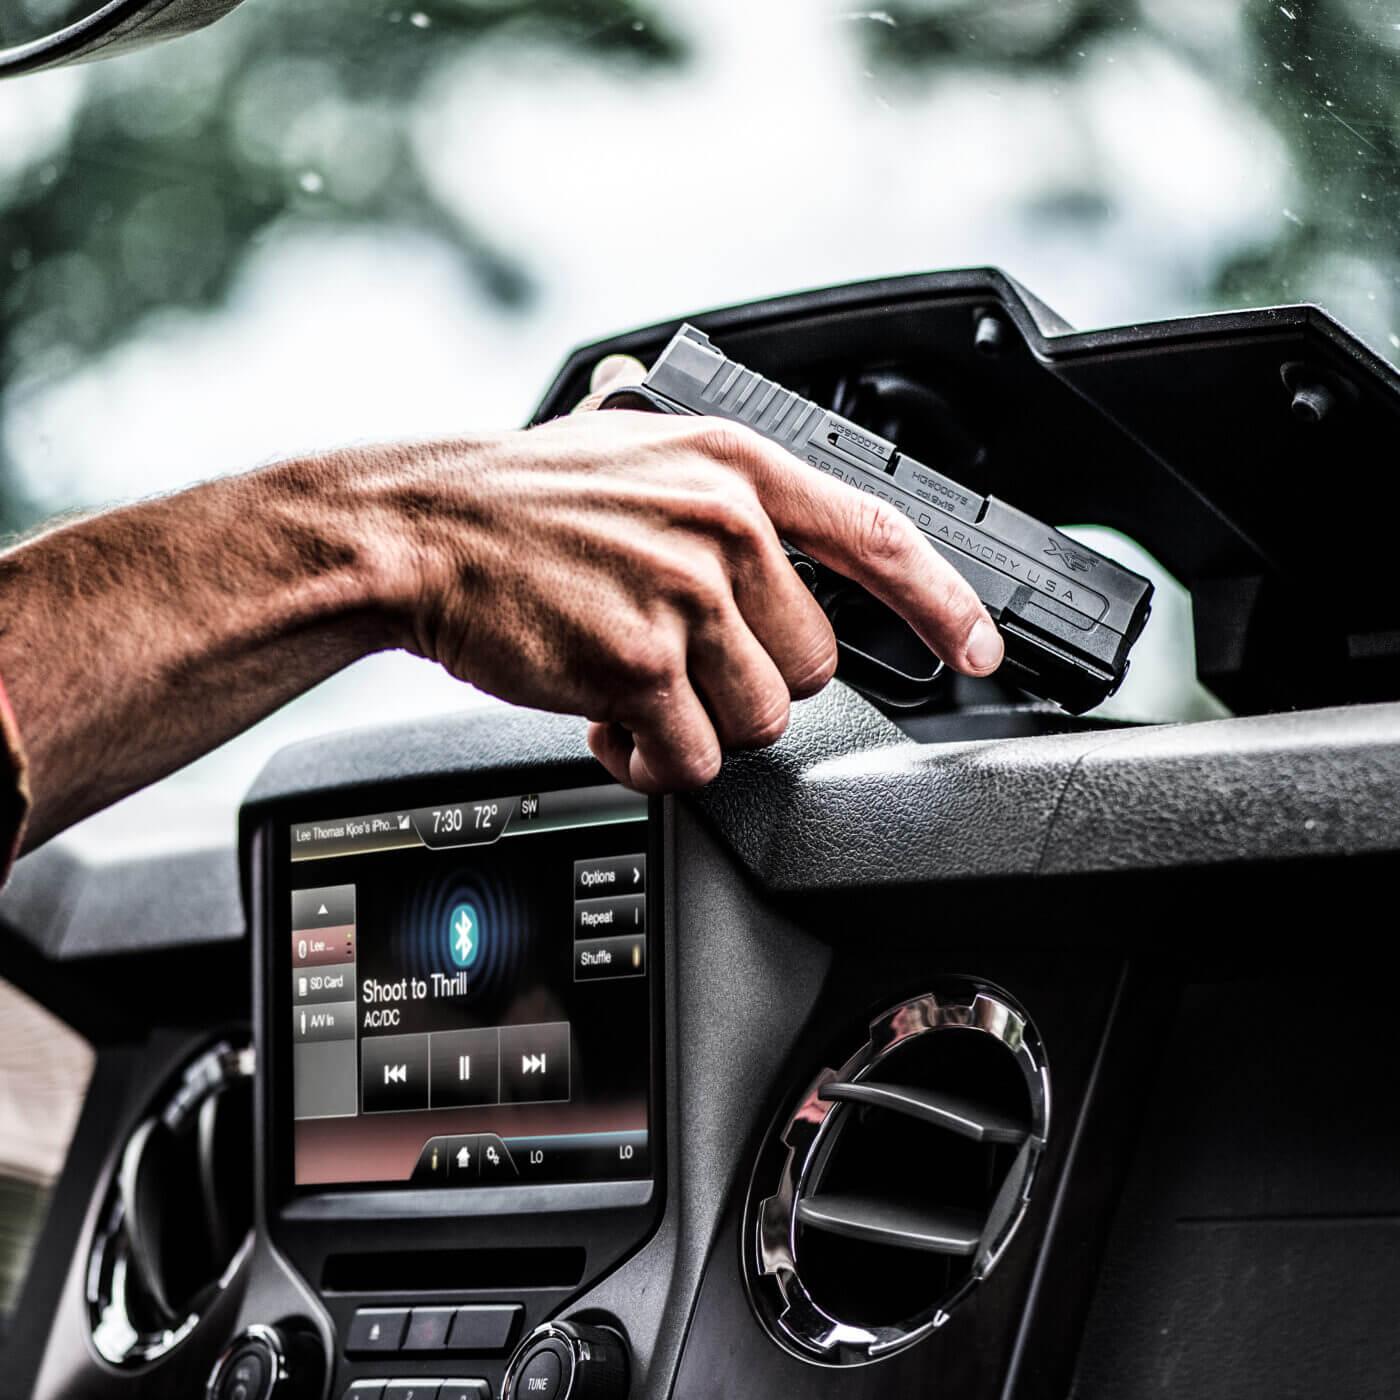 Man holding gun in vehicle